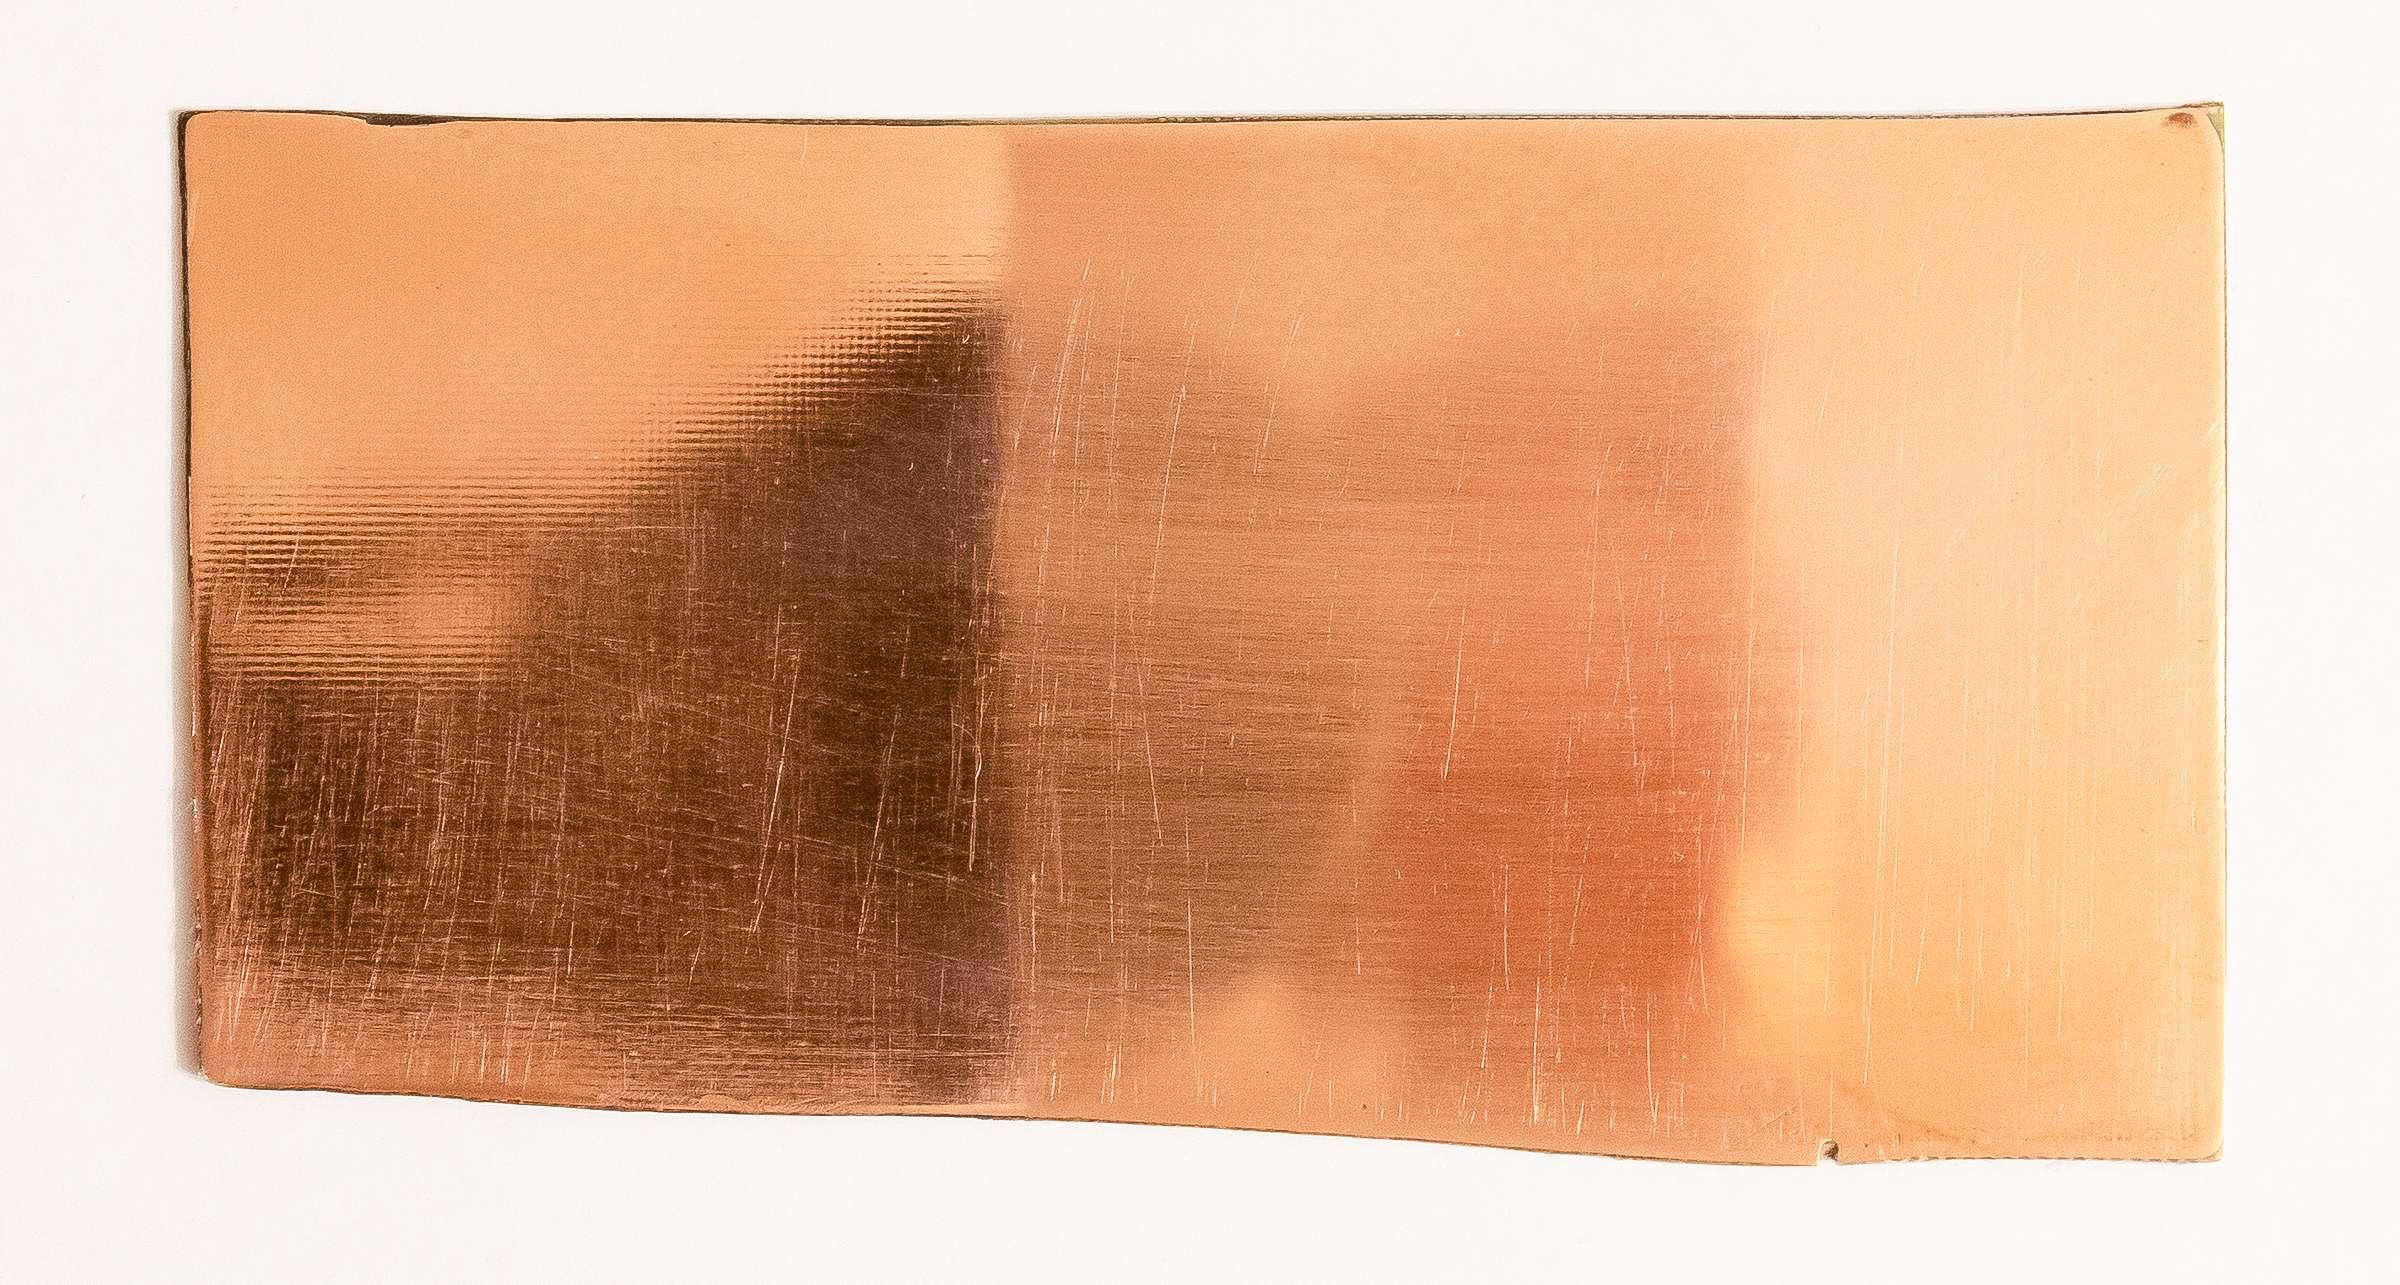 Внешний вид стеклотекстолита после полировки наждачной бумагой и пастой ГОИ